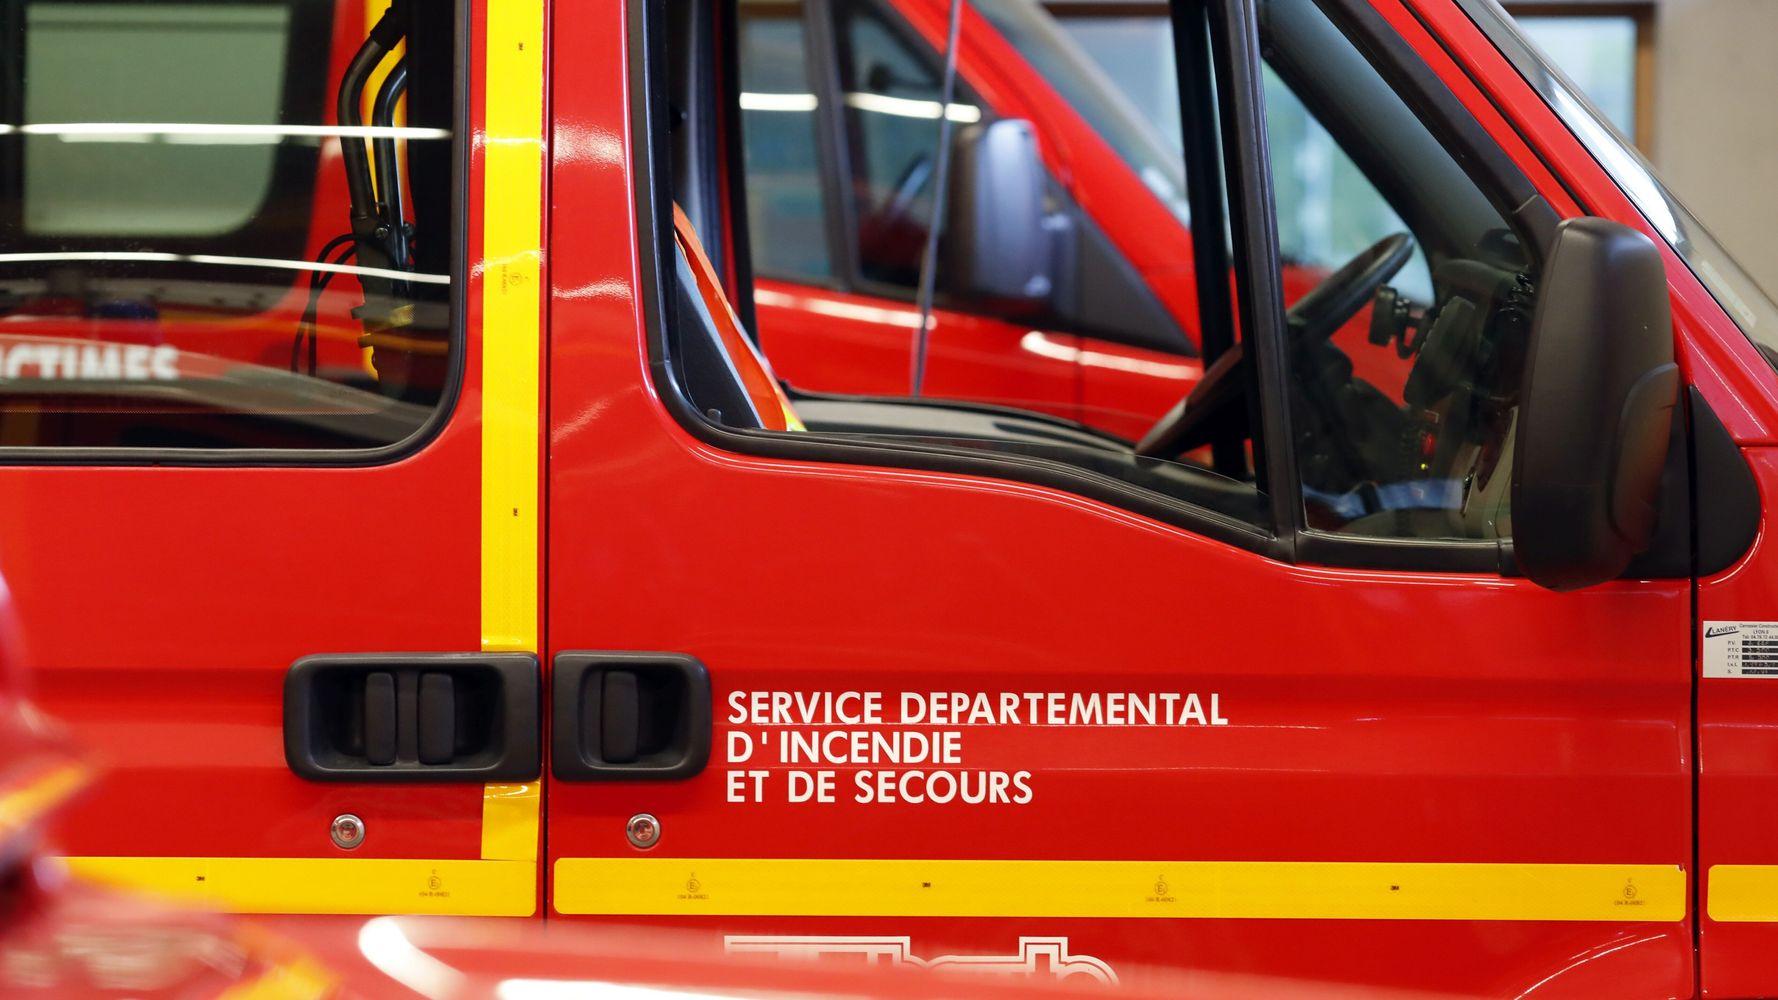 Ariège: l'incendie à l'usine Aubert & Duval de Pamiers, a été circonscrit